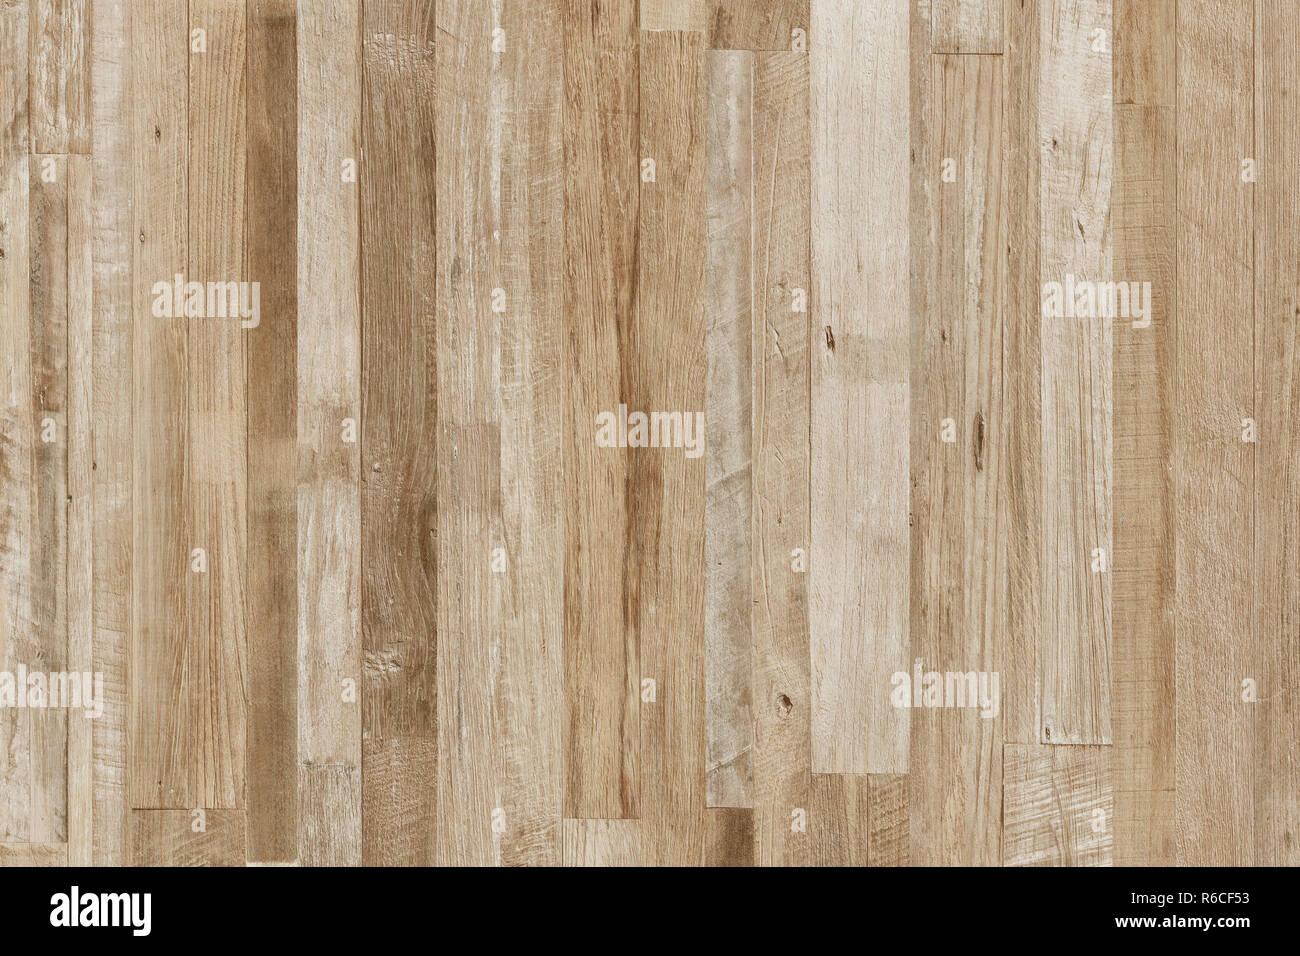 Holz Wand Verschiedene Arten Holz Bodenbelage Muster Fur Die